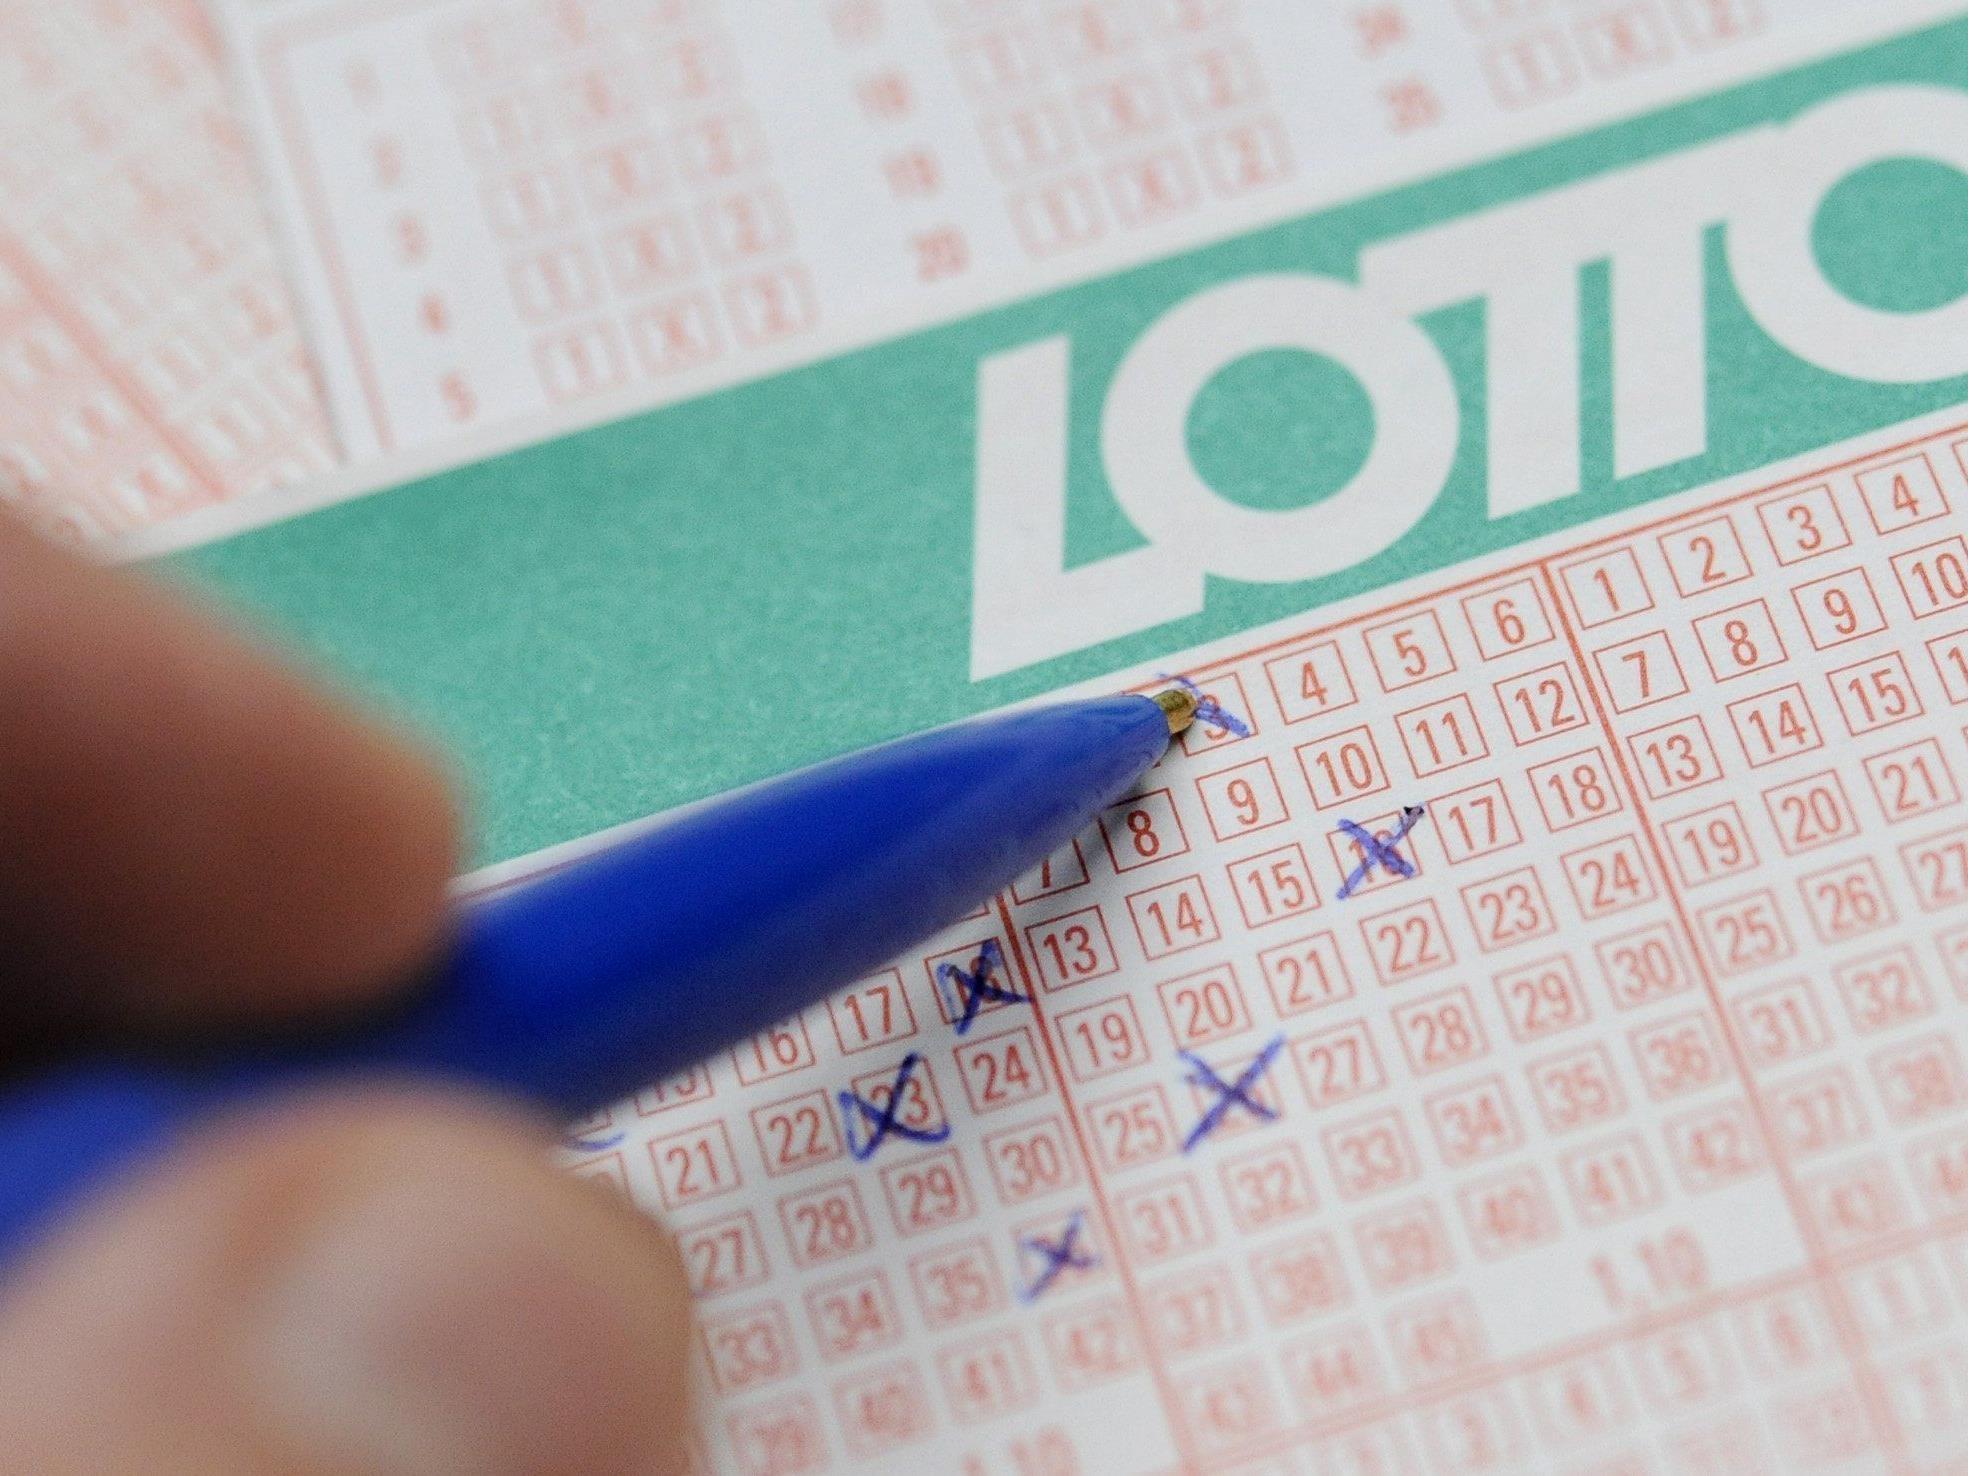 Zum 37. Mal loben die Österreichischen Lotterien einen Vierfachjackpot aus. In der Mittwochsziehung warten 6,2 Millionen Euro.